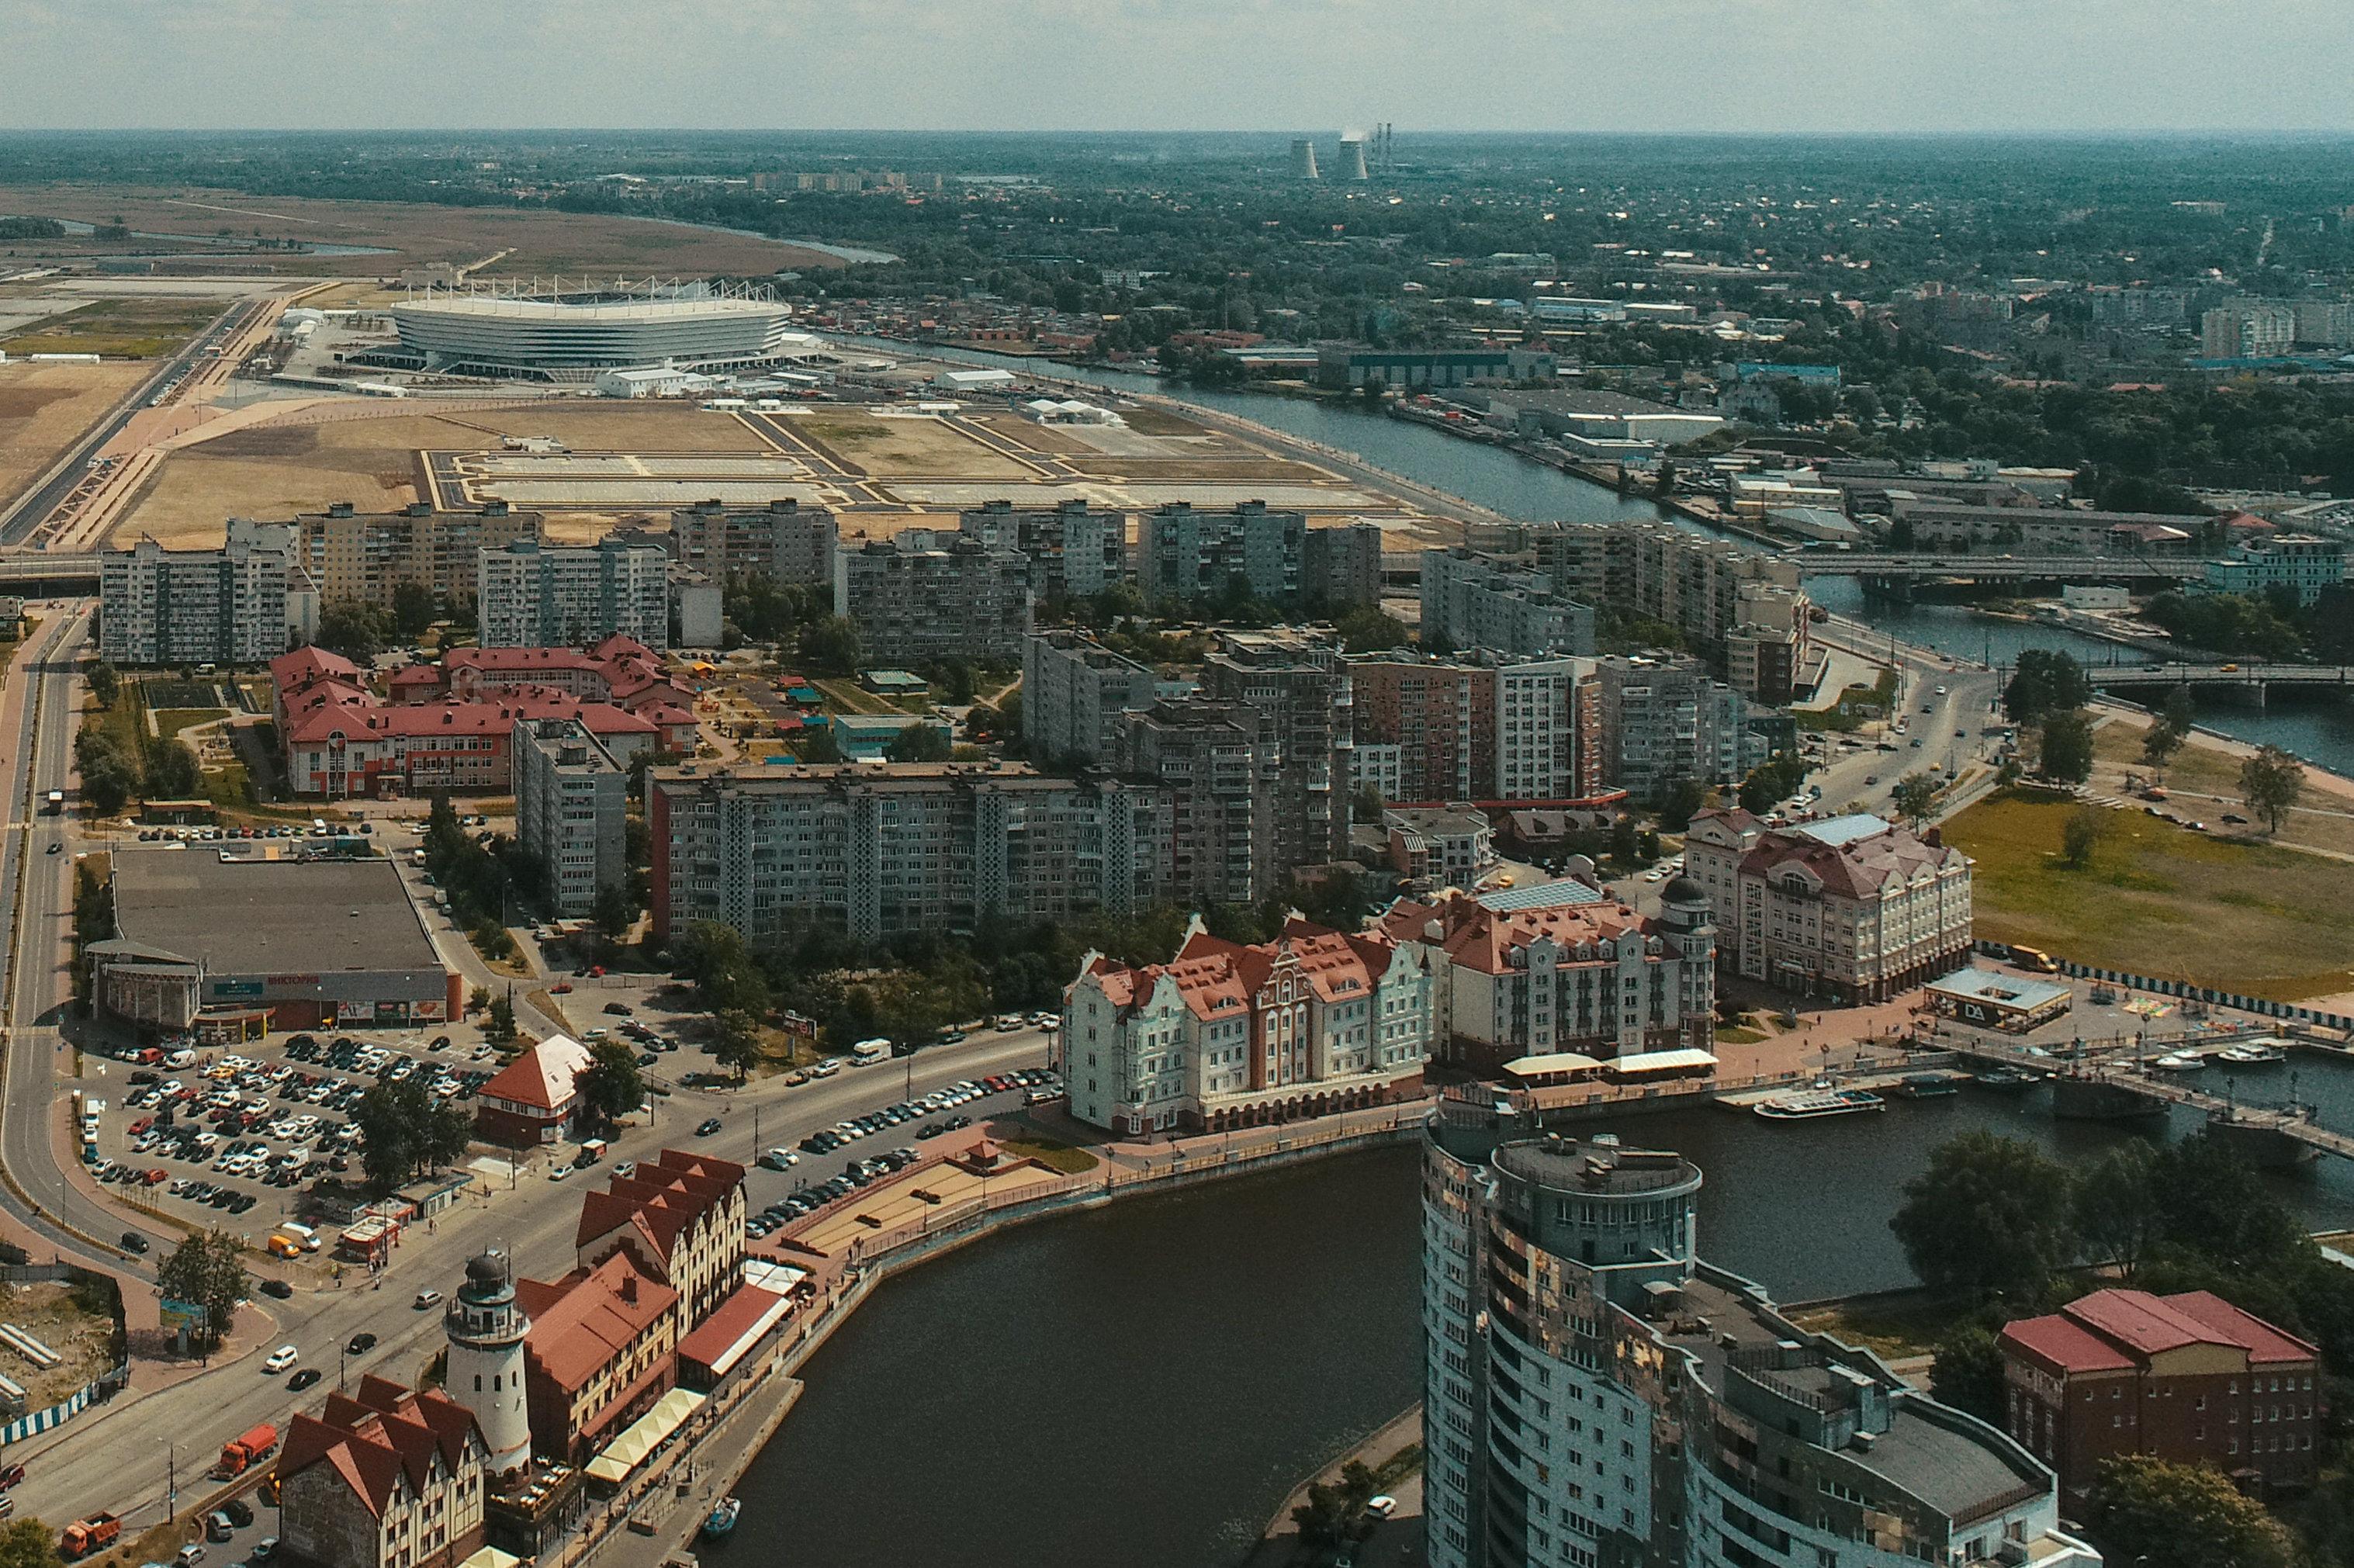 حي قرية الأسماك في كالينينغراد